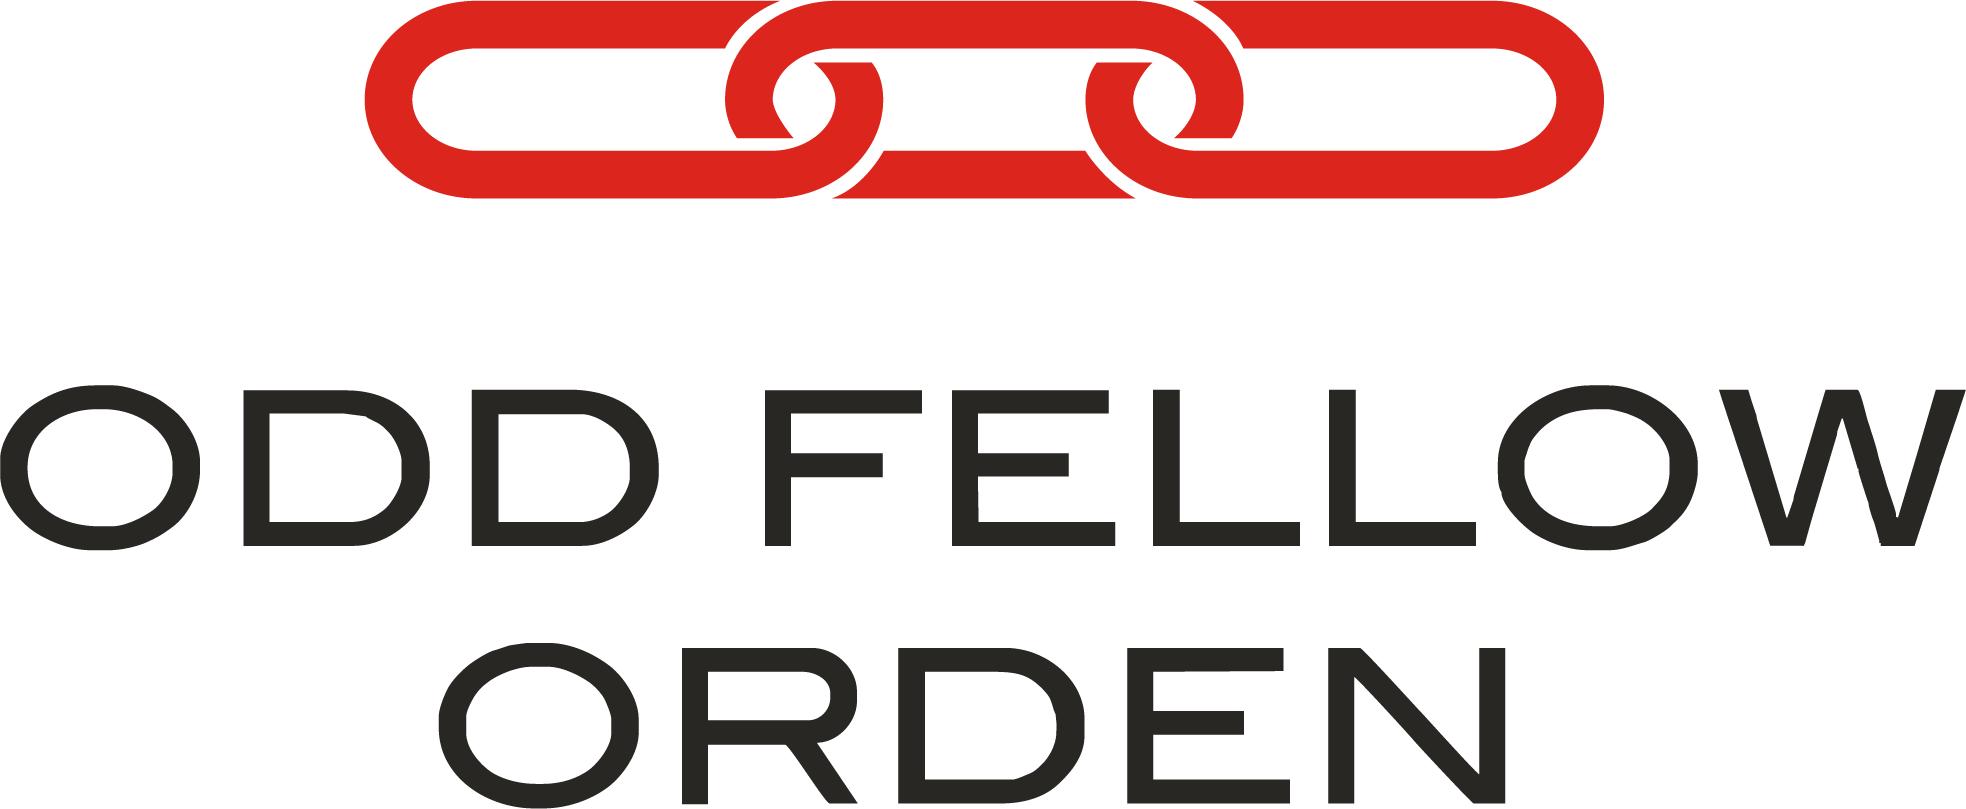 odd_fellow_orden_logga_2013_pms(1)